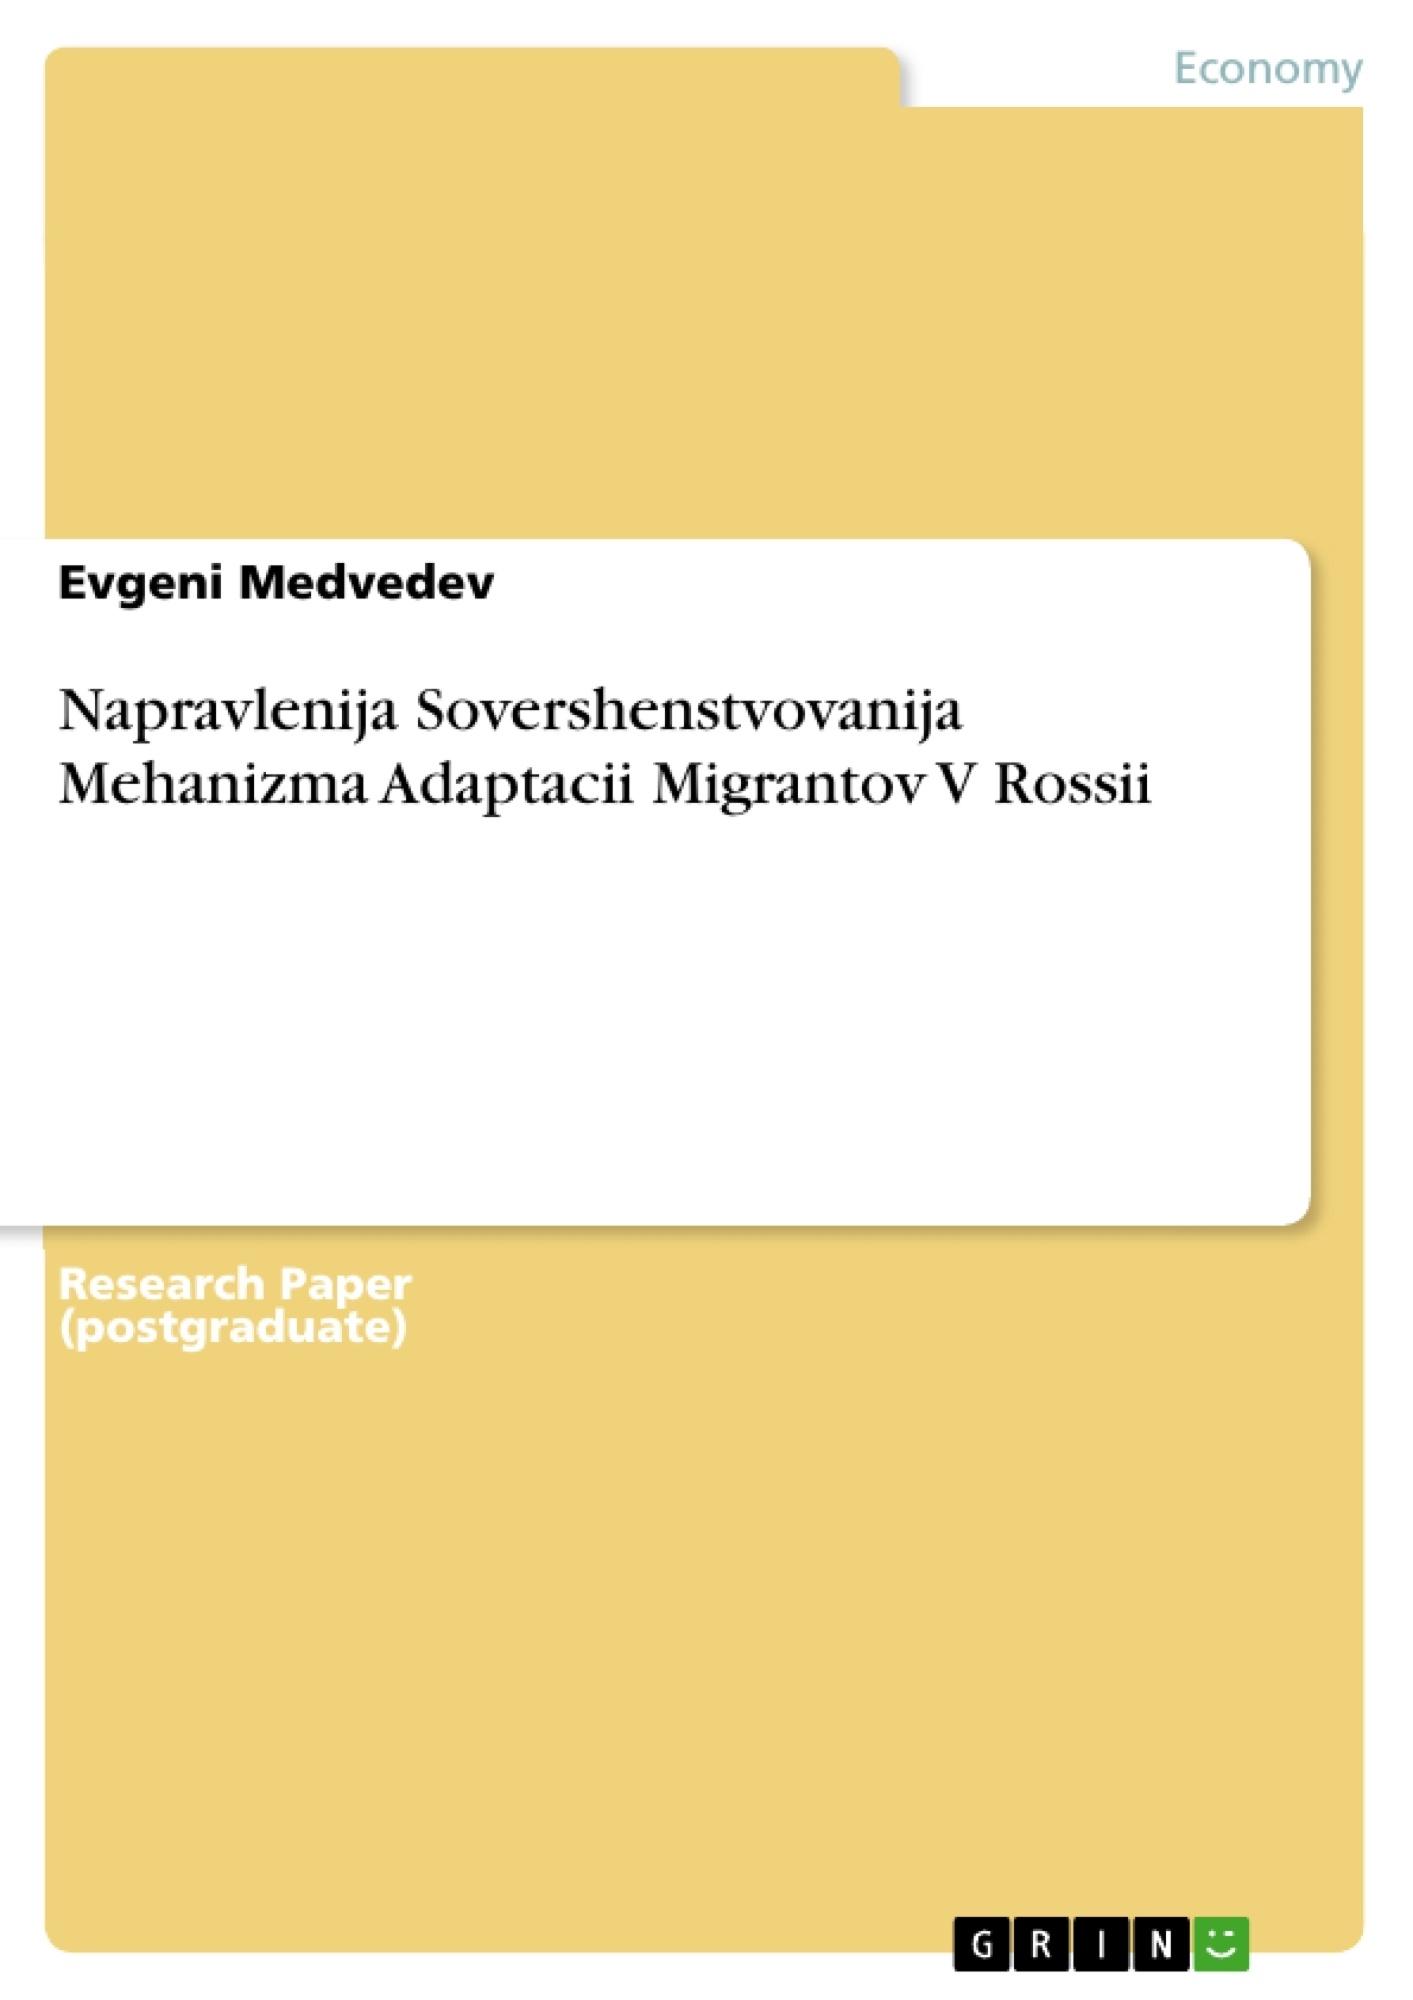 Title: Napravlenija Sovershenstvovanija Mehanizma Adaptacii Migrantov V Rossii